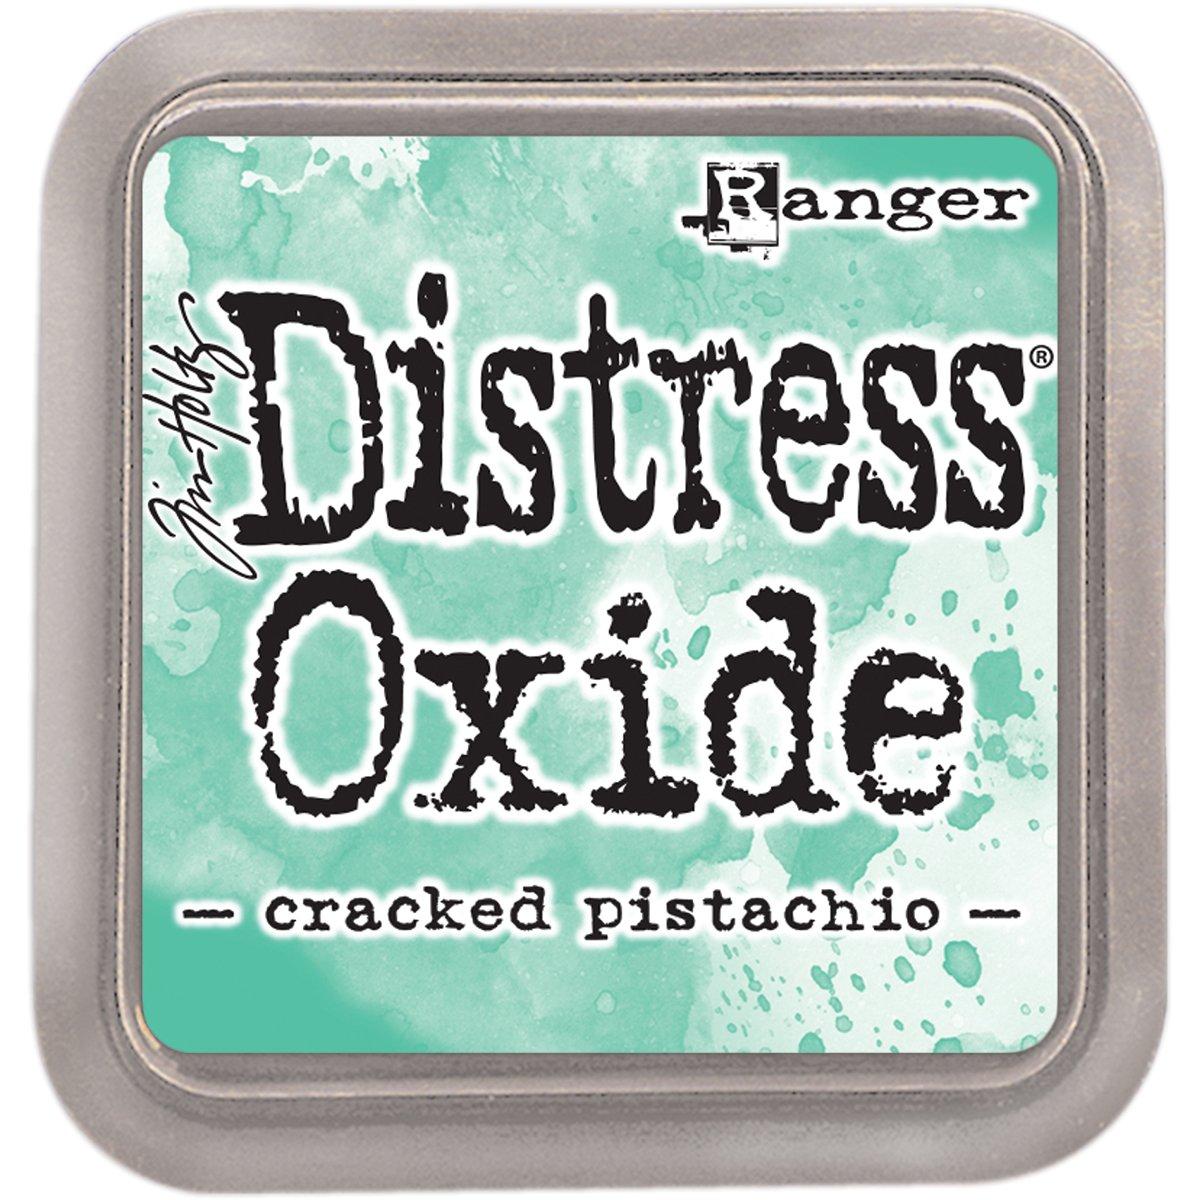 Ranger Cracked Pistachio Distress ossido di tampone di inchiostro, verde RGRTDO.55891